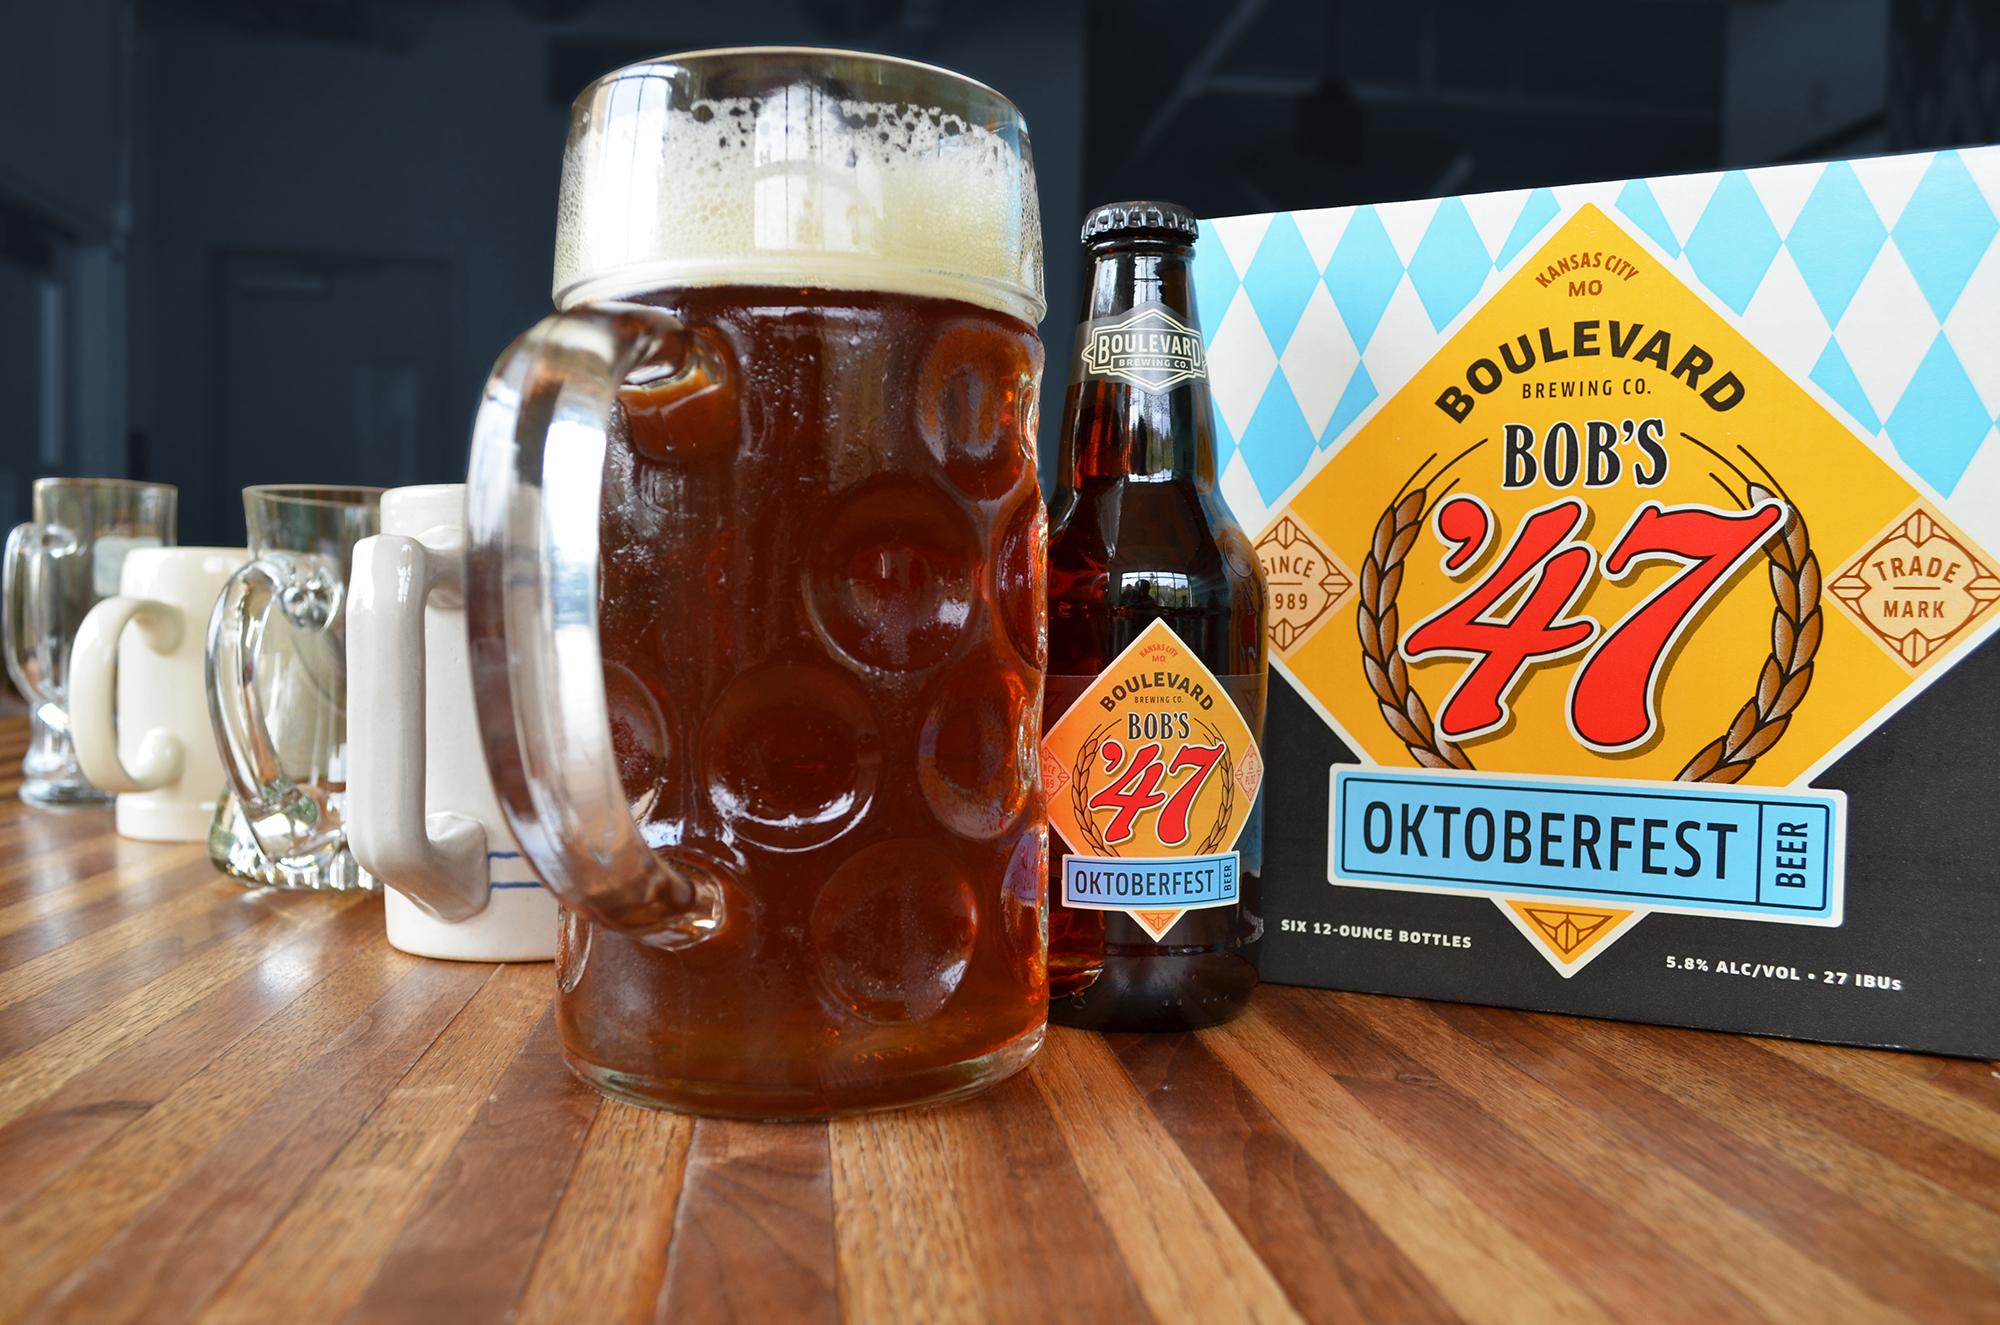 Bob's '47 Oktoberfest Returns